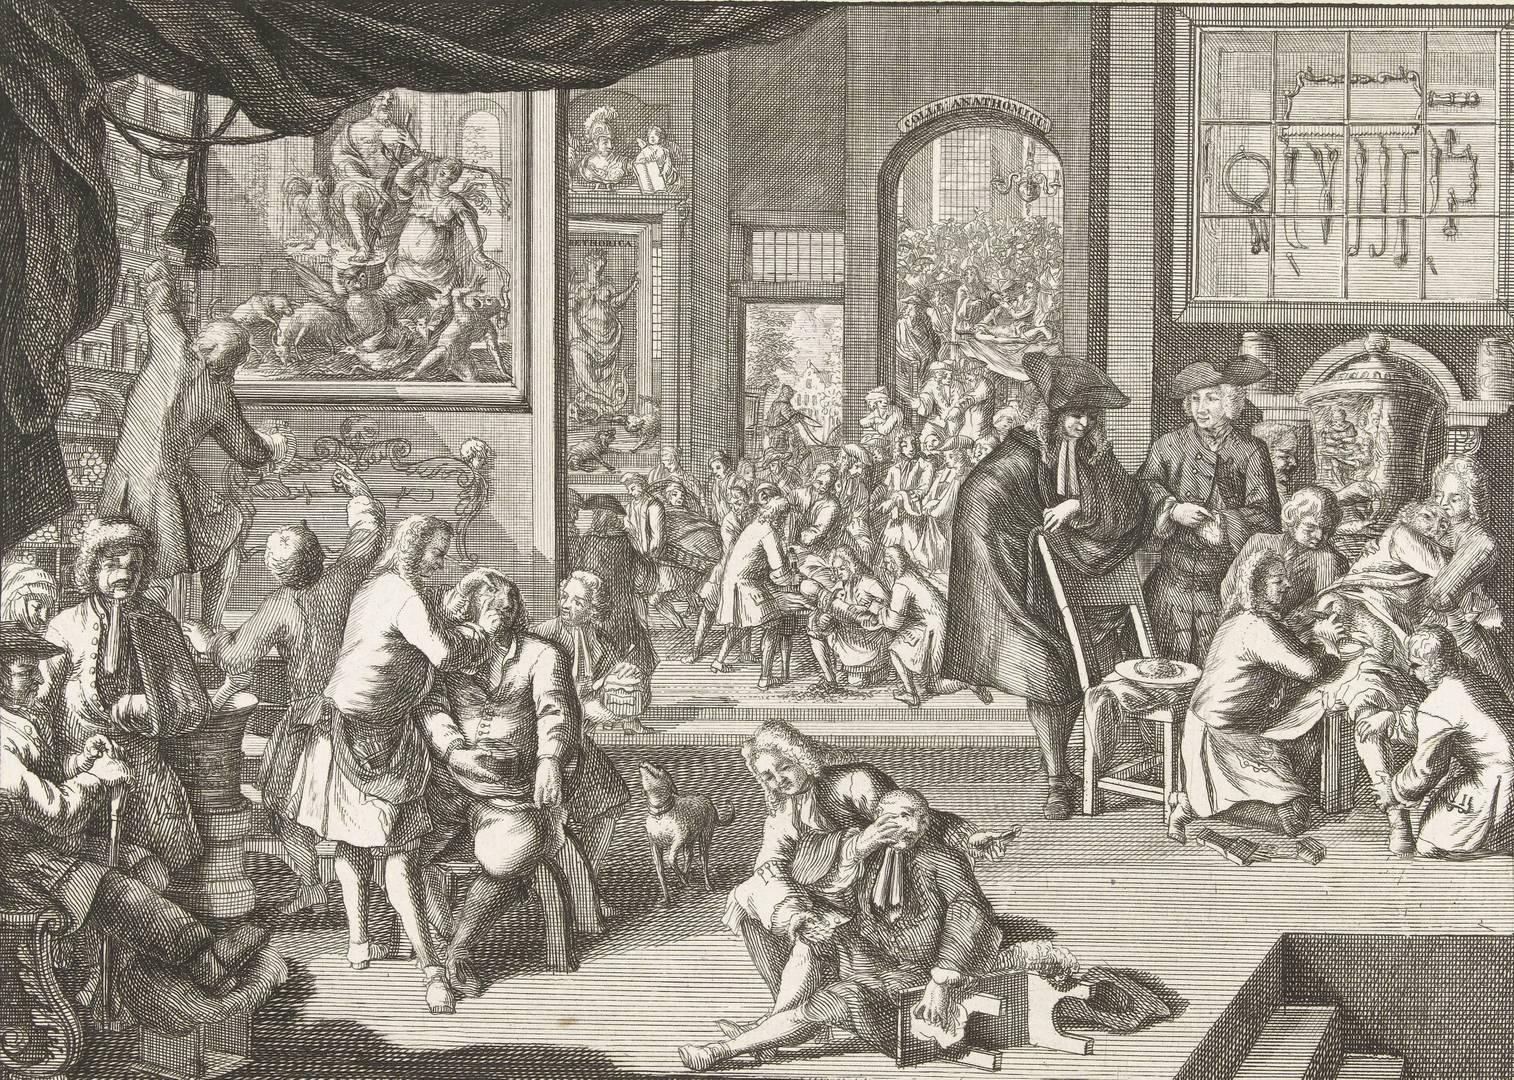 Авраам Зееман. Рабочее место гильдии хирургов. 1731